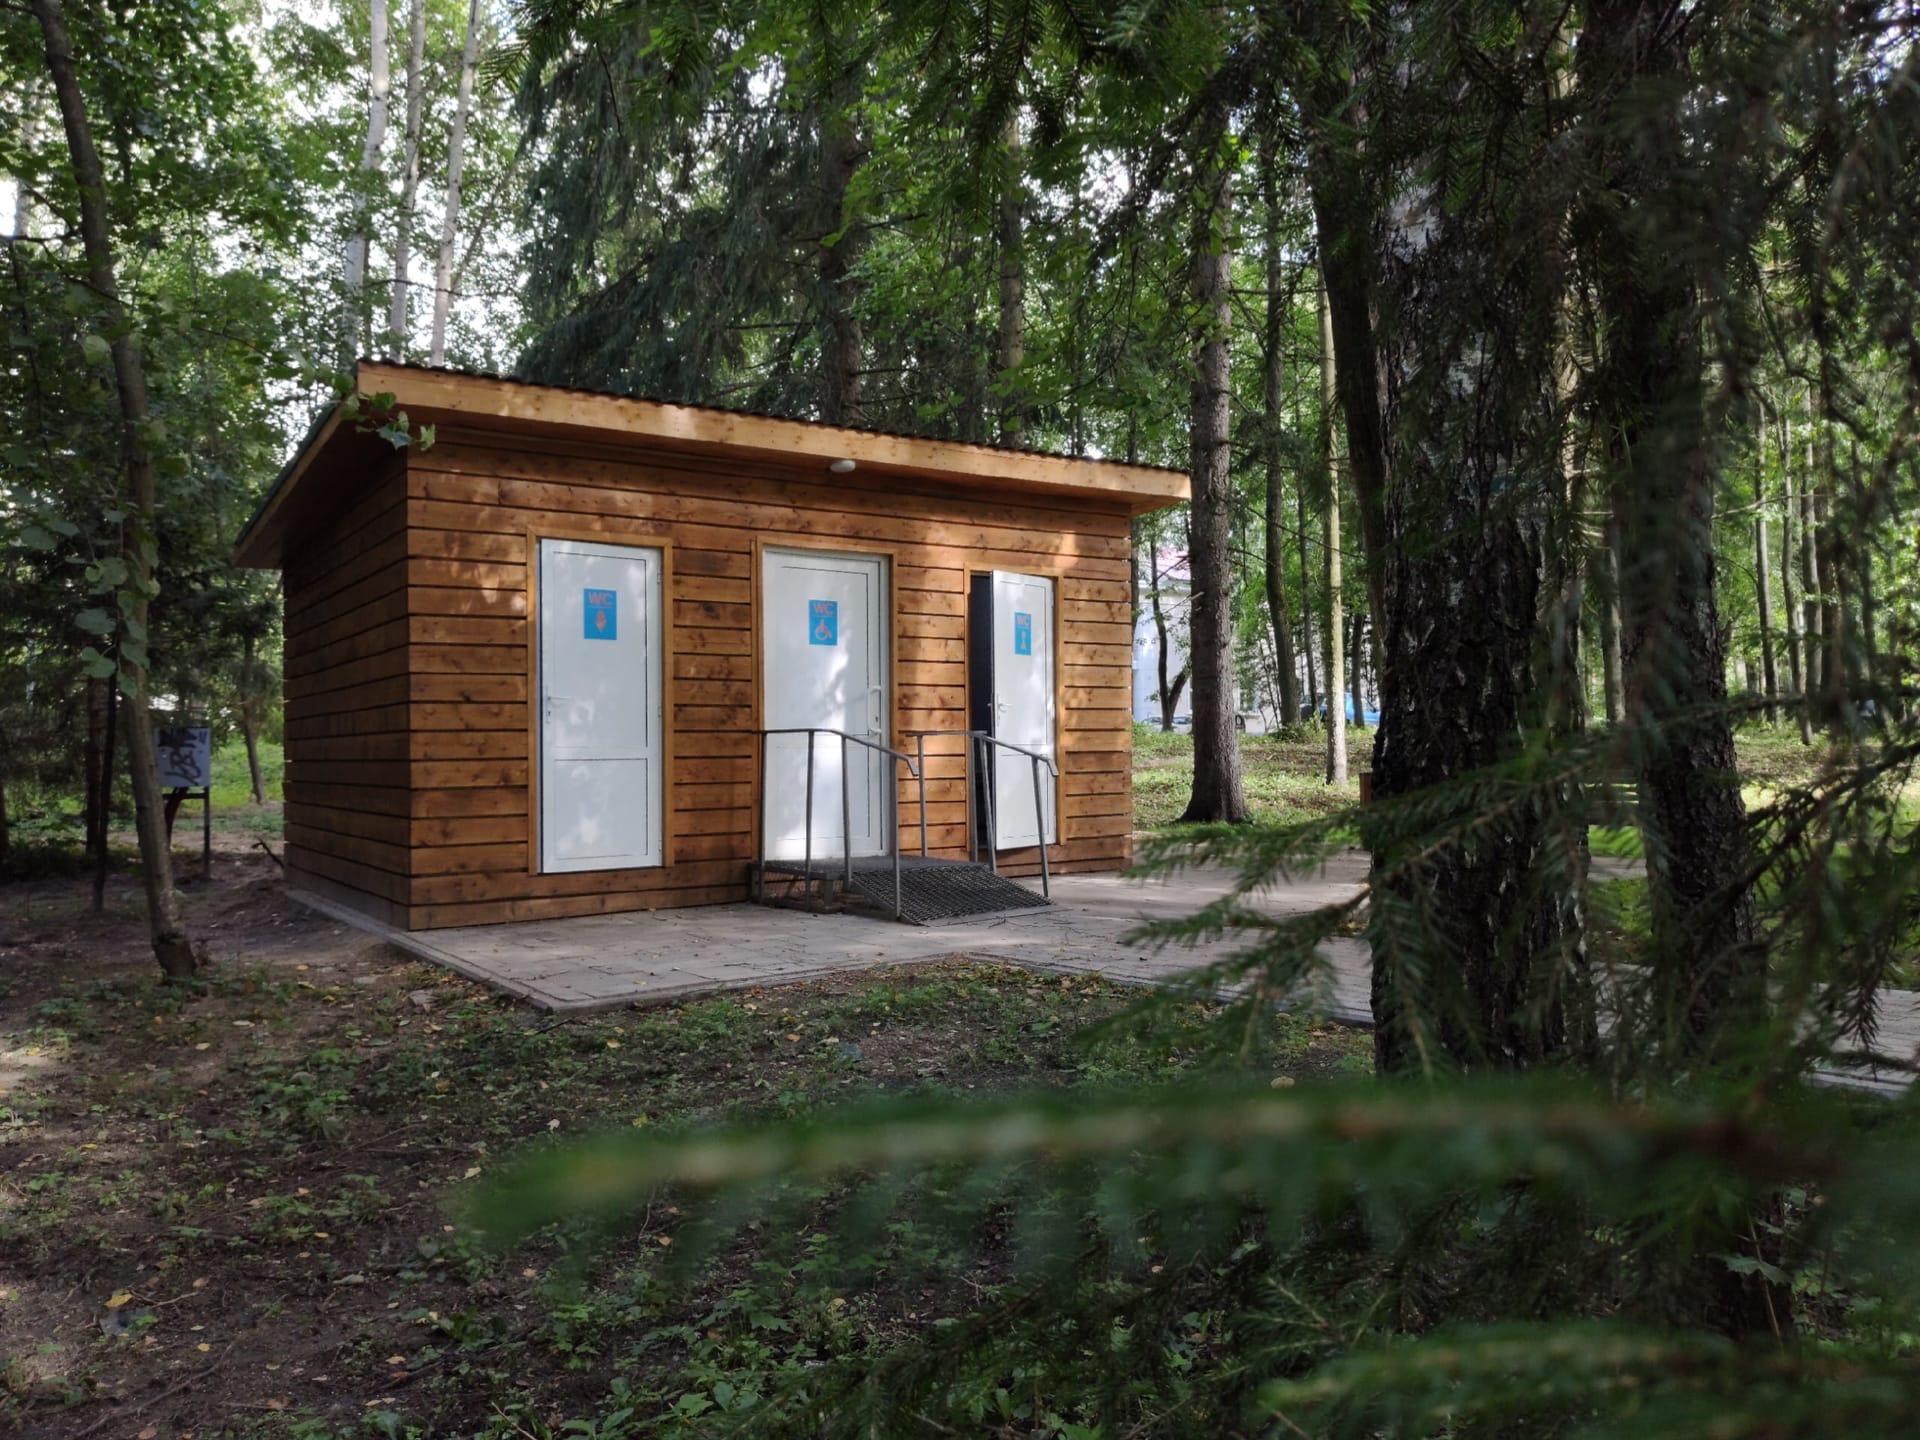 На Менделеевской набережной в Дубне заработал бесплатный комфортабельный туалет